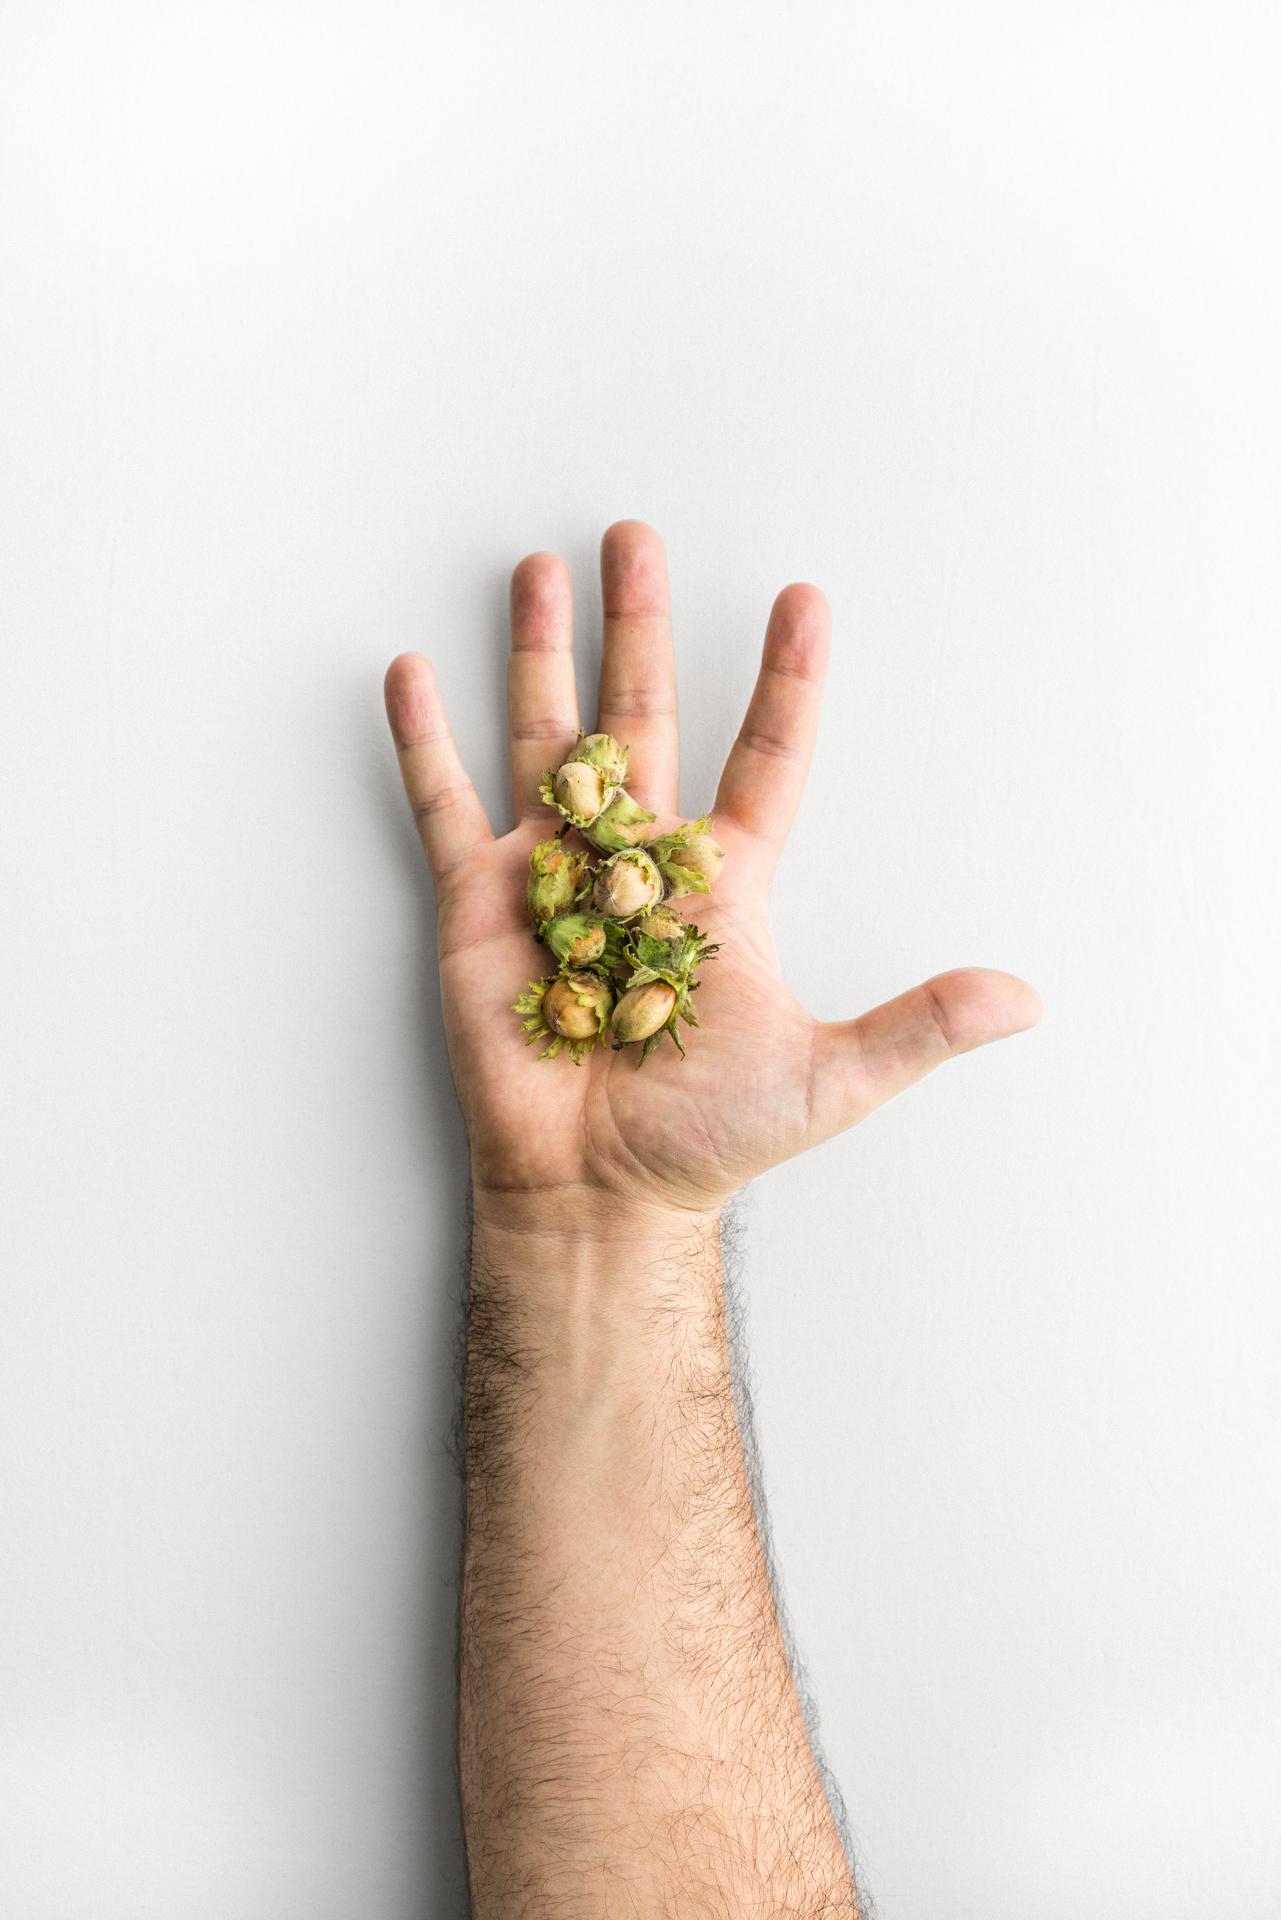 Nocciole verdi di Luca Bizzarri, infoodfamily, foto di Matteo Bizzarri